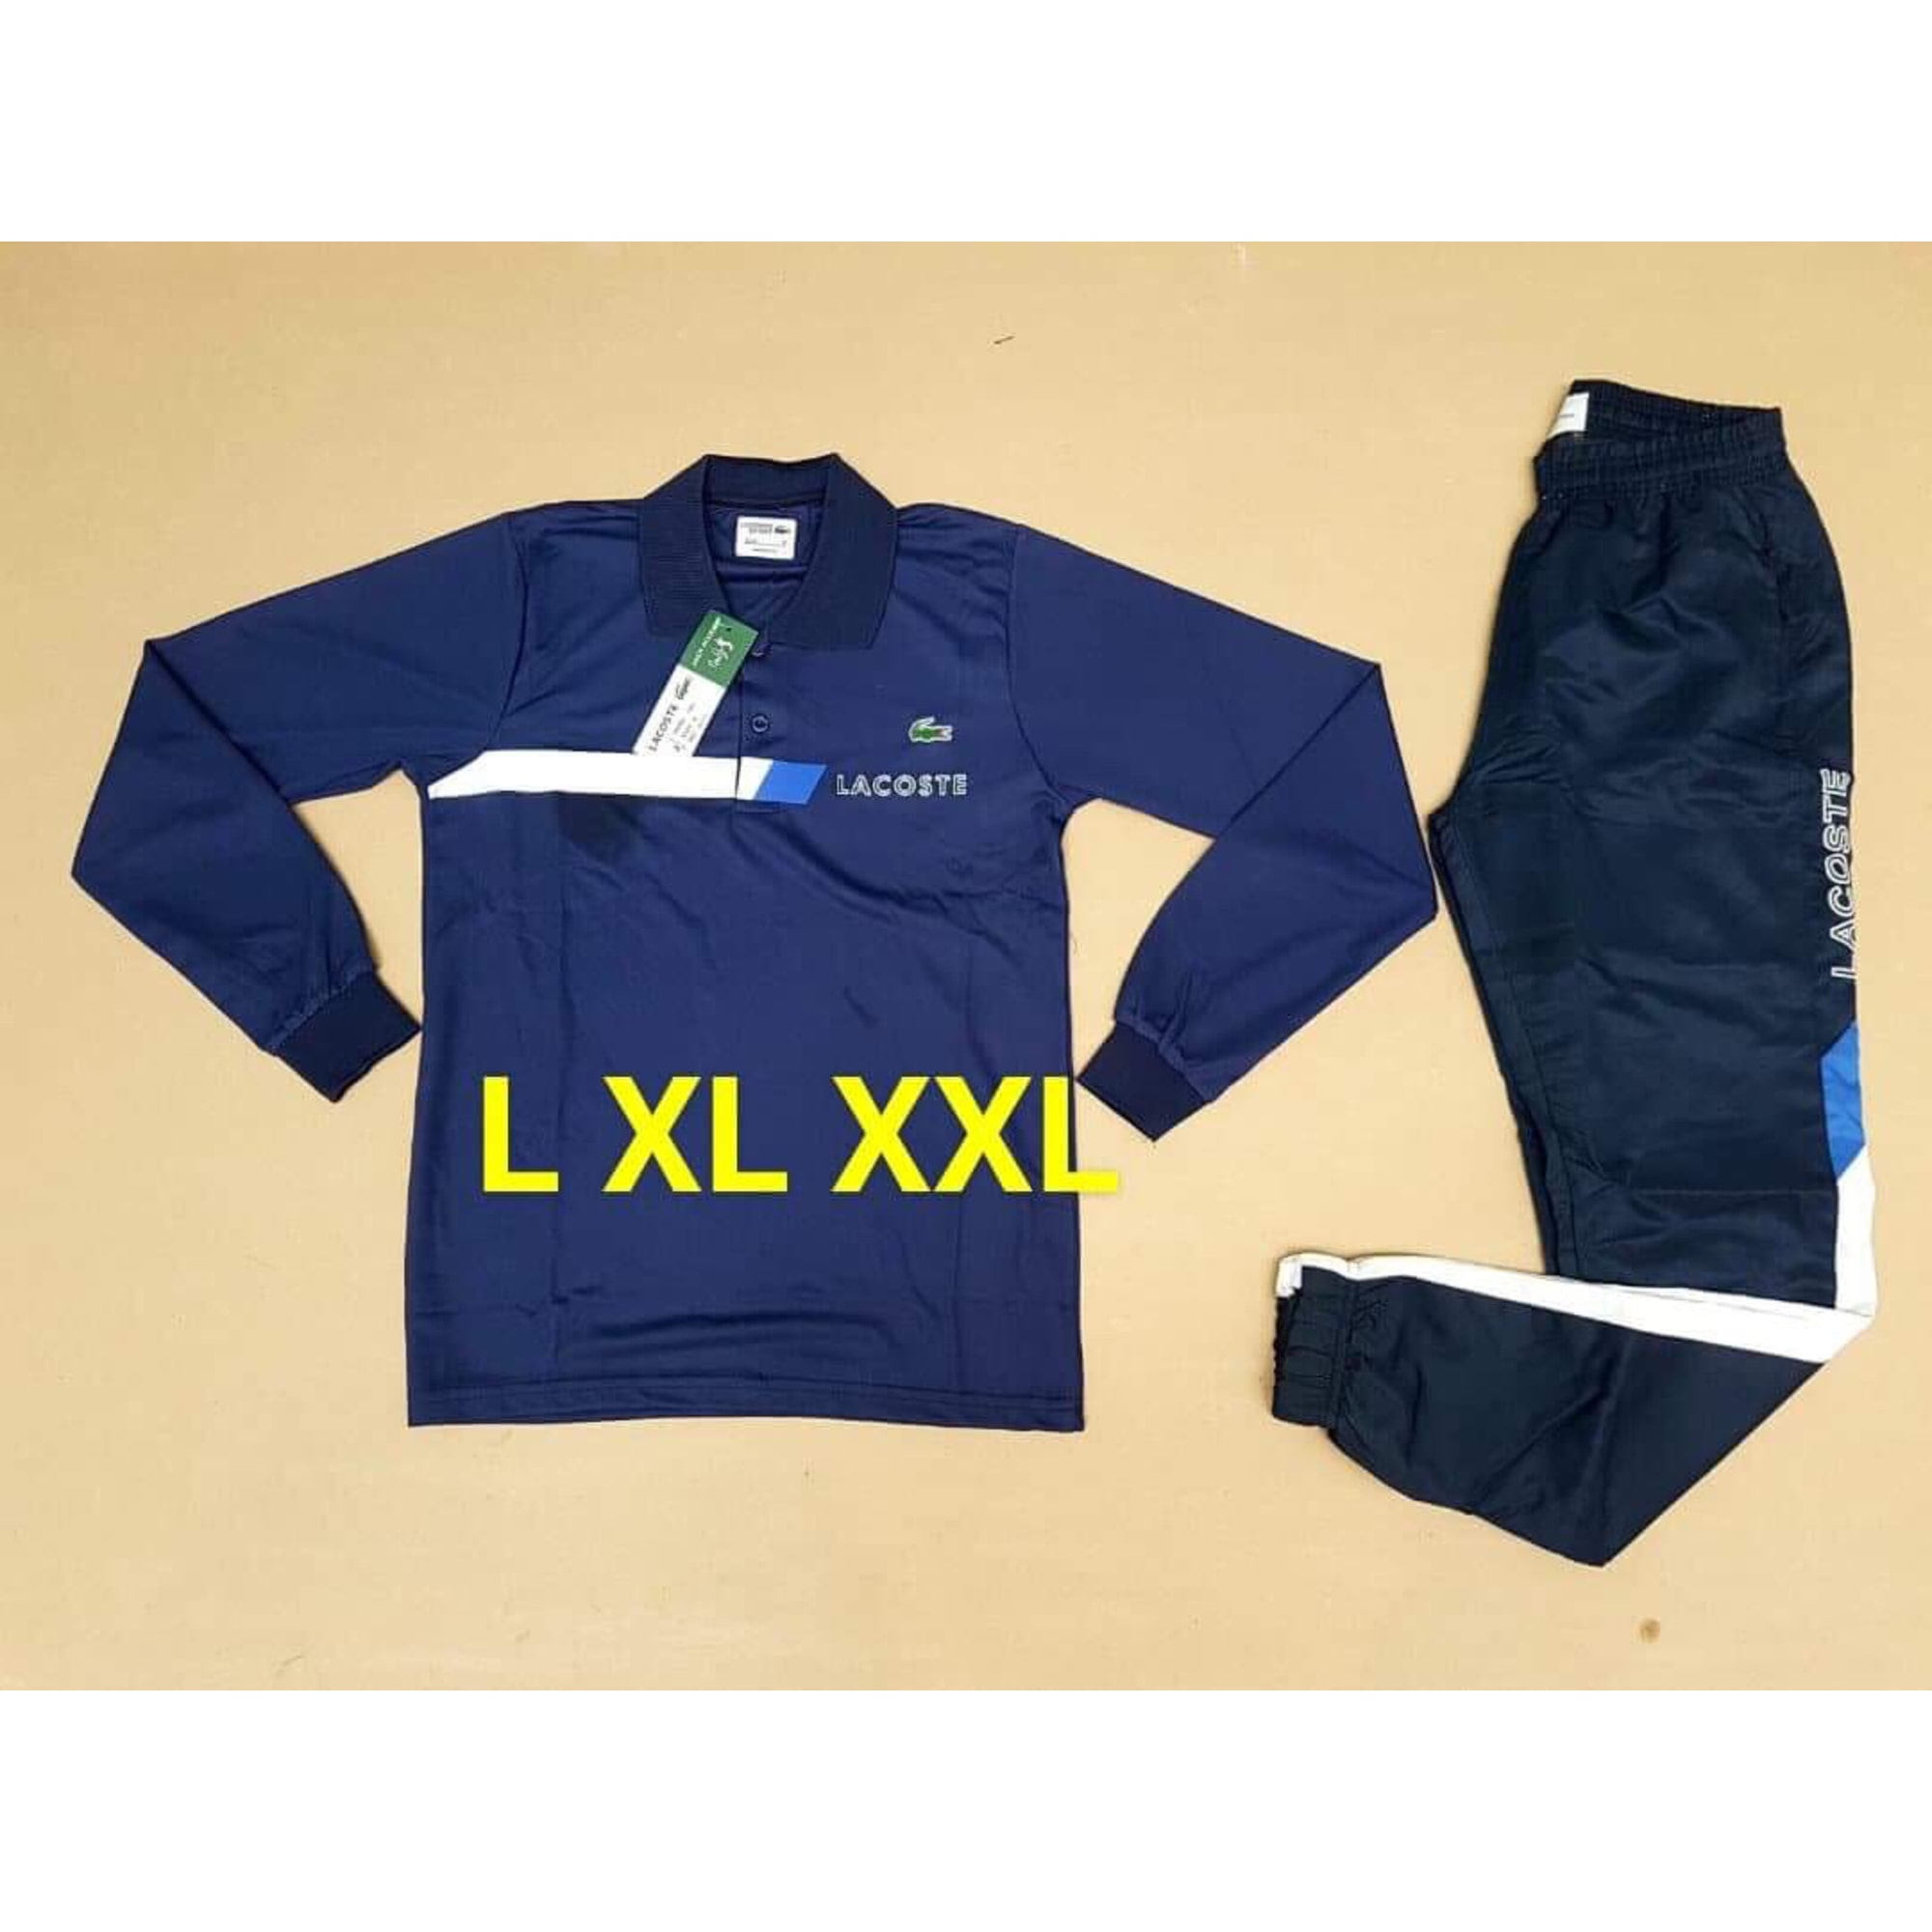 152b930cb6 Ensemble jogging LACOSTE 48 (M) bleu vendu par Gauthier 147 - 8089706